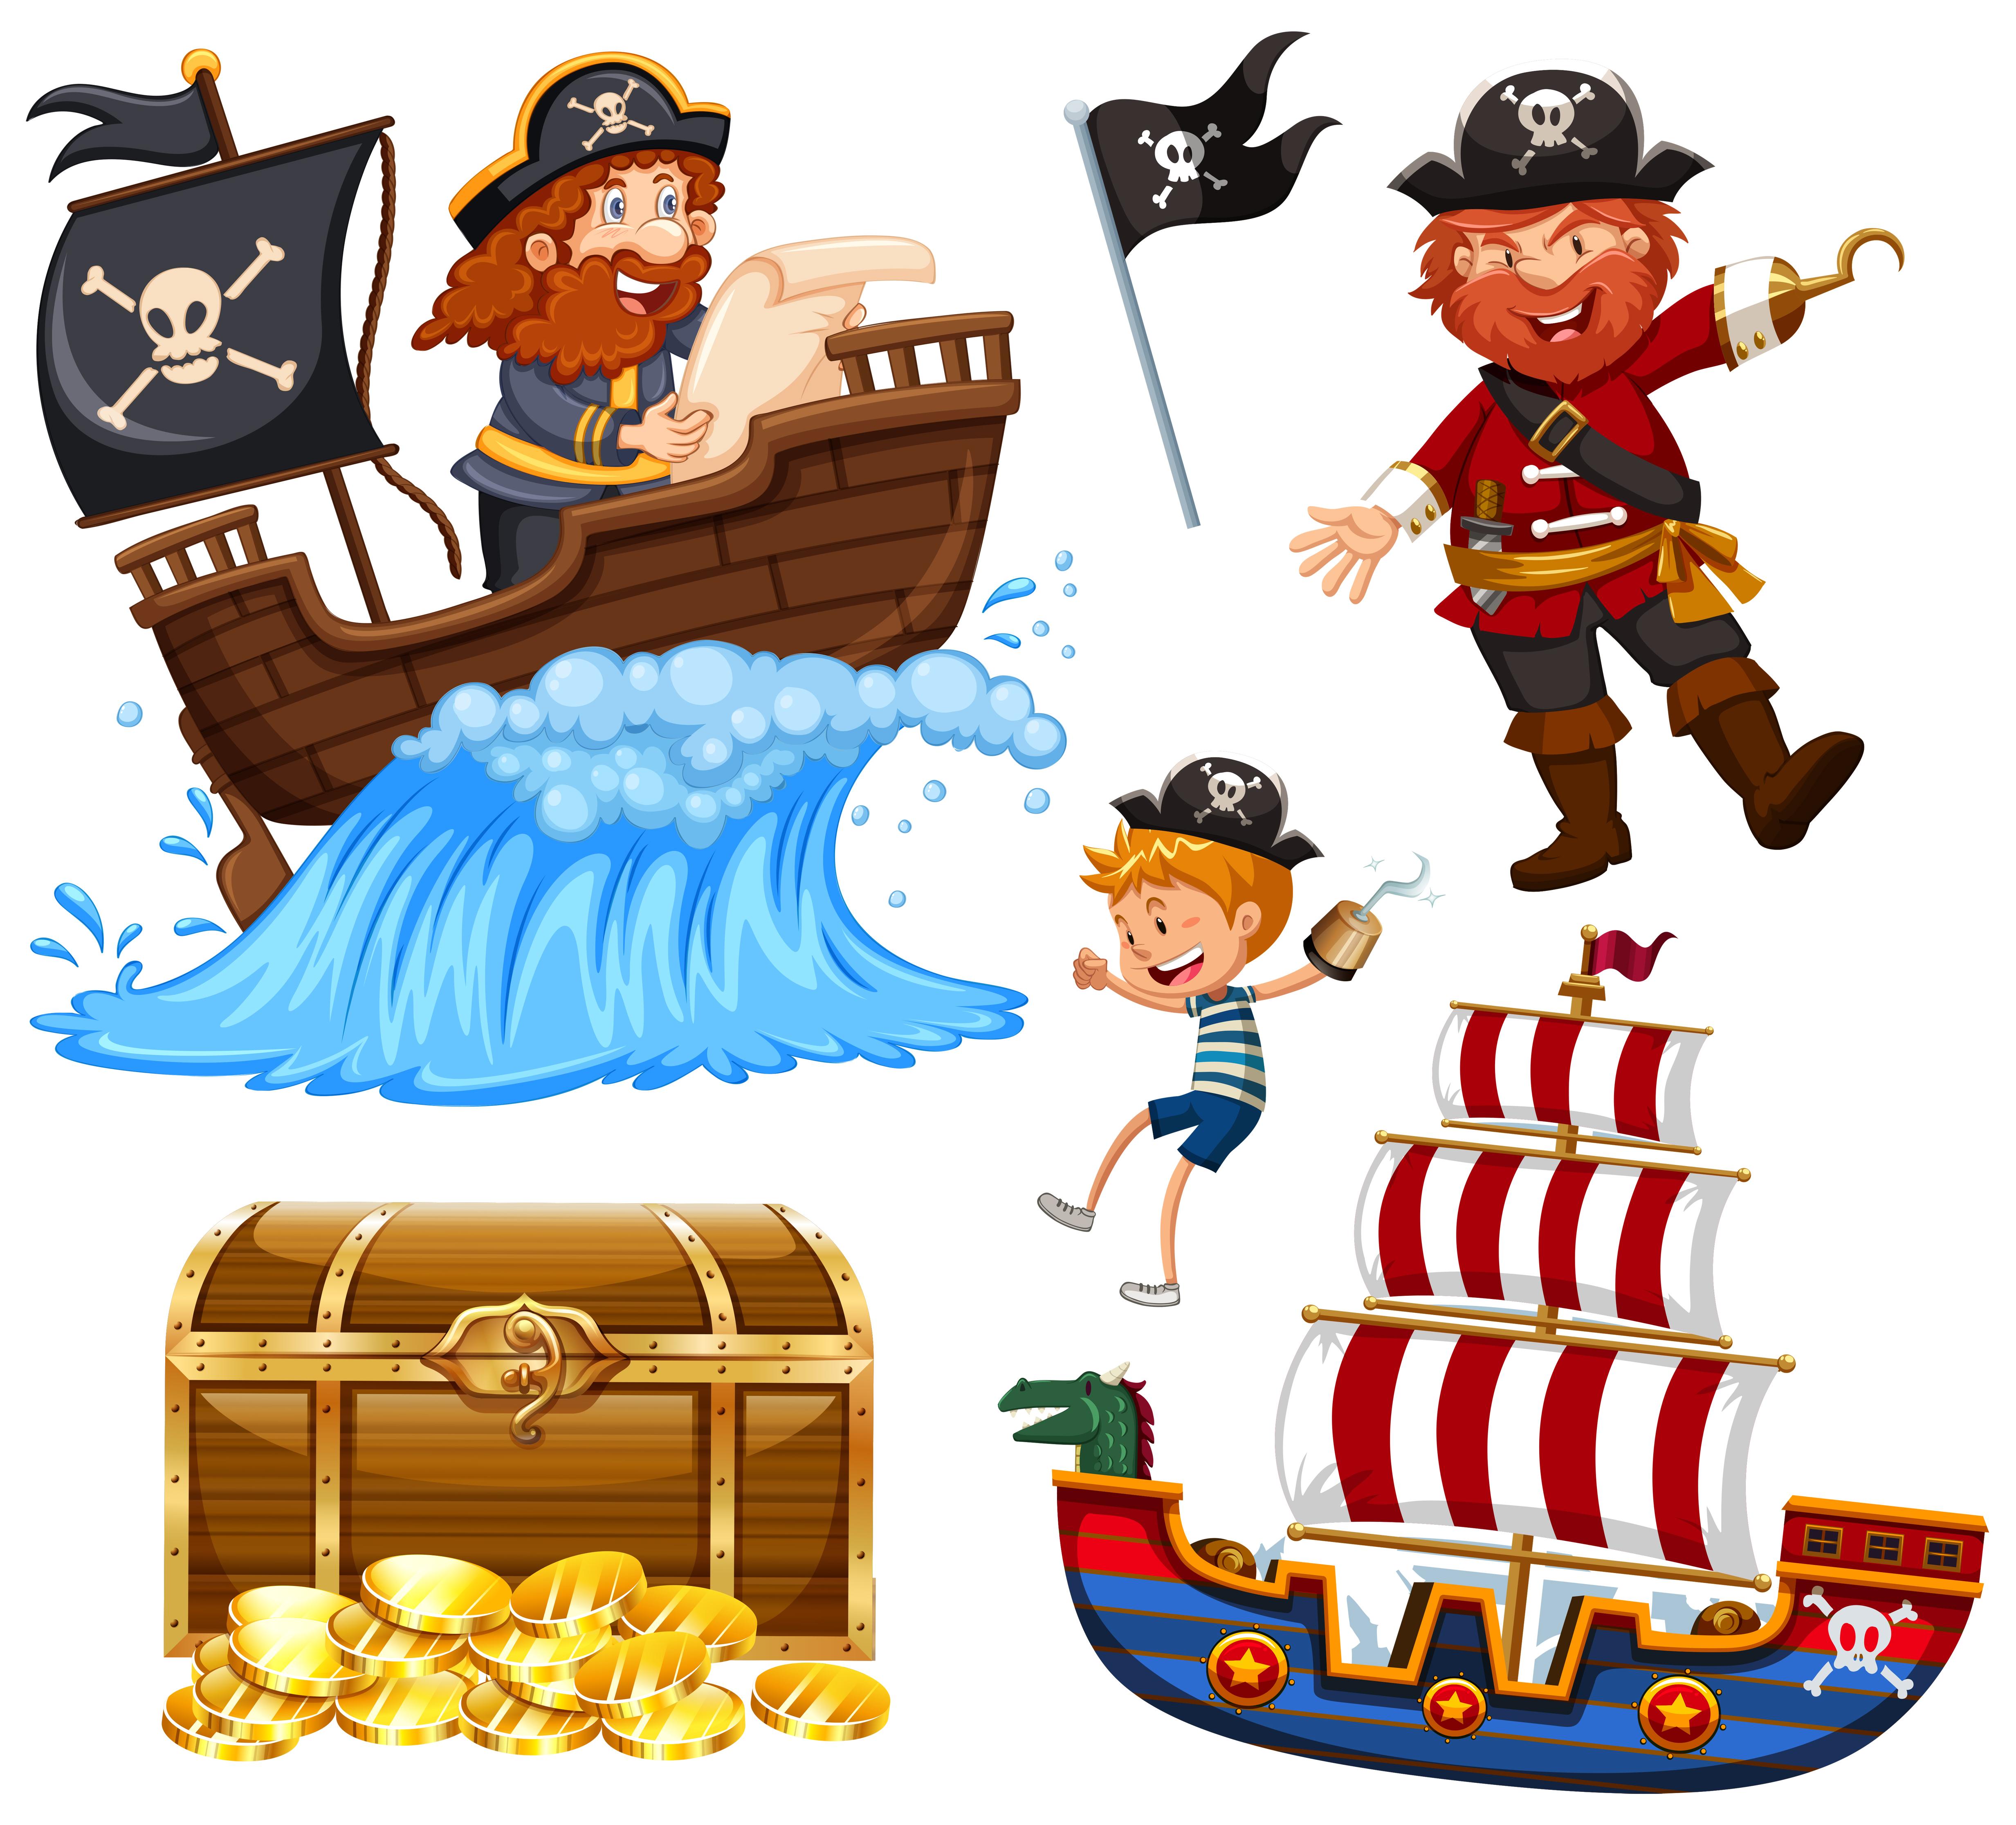 Фриланс пиратское по работа дизайнер фриланс